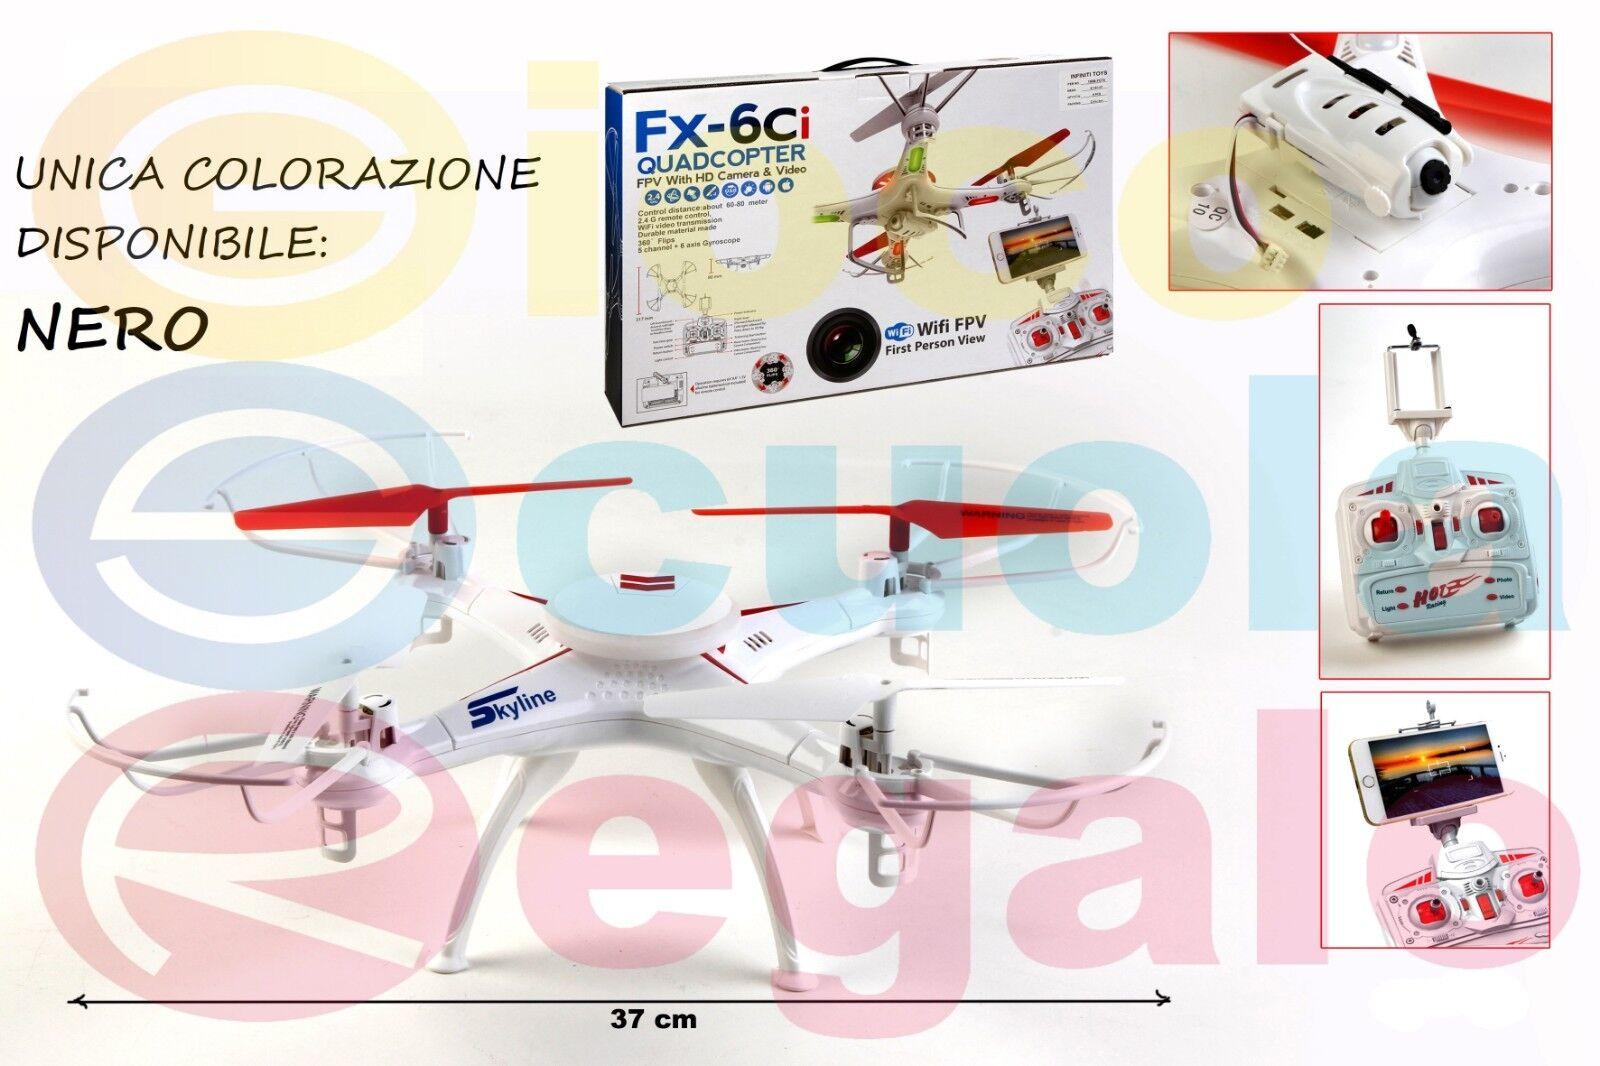 Drone Quadricottero con Videotelecamera HD Wi-Fi primero Person View SOLO  NERO  negozio online